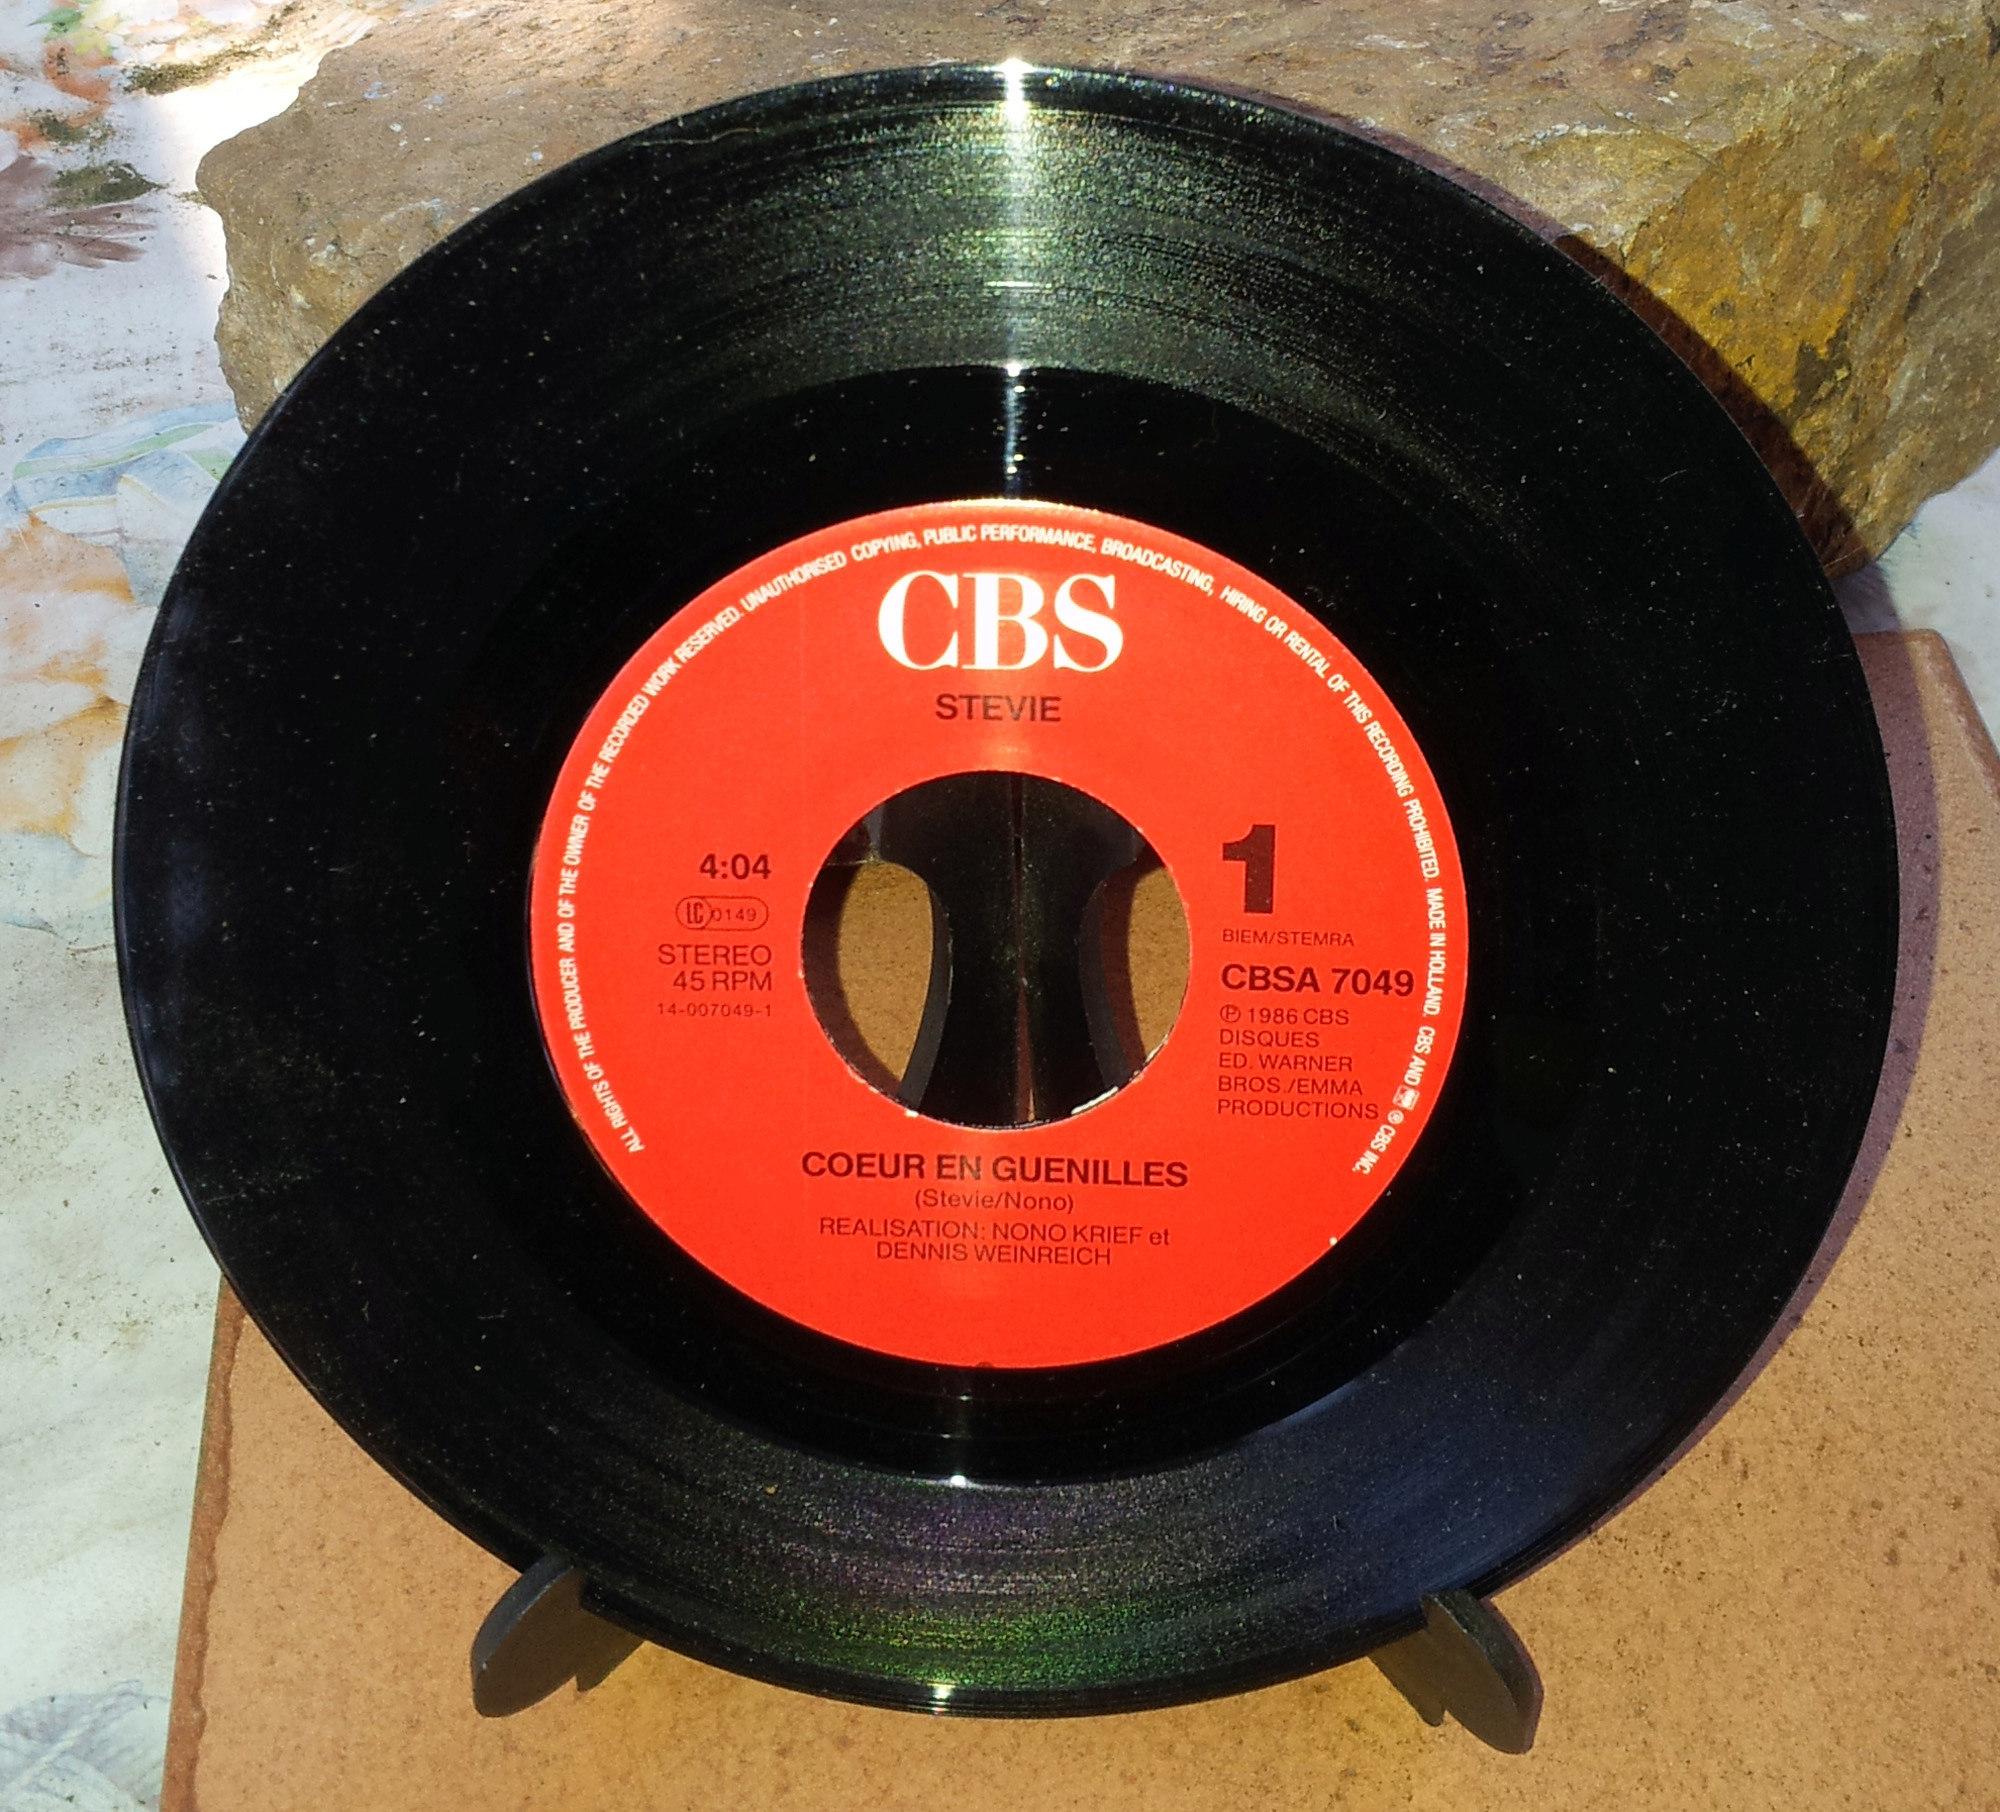 STEVIE Coeur en guenilles (1986) 45 tours - le vinyle vu de plus près ...  Stevie14